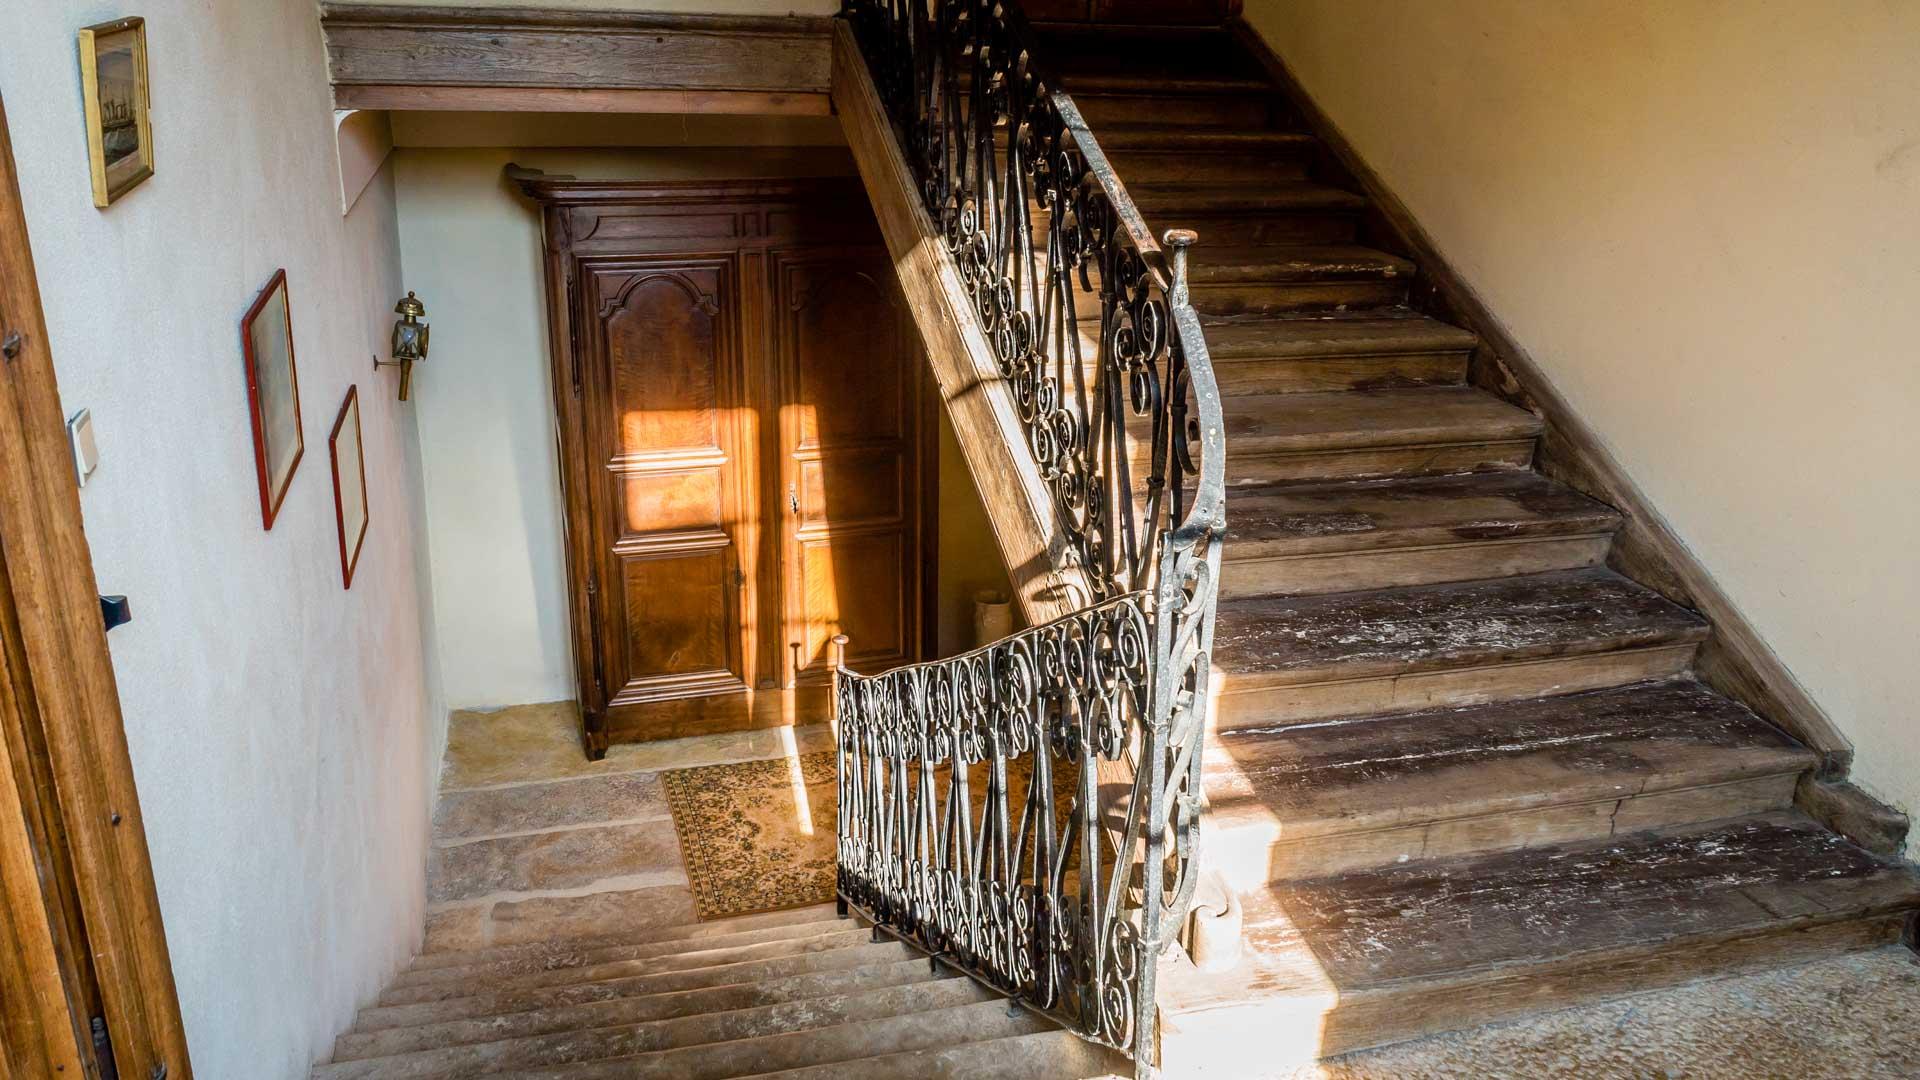 Le large escalier de pierre